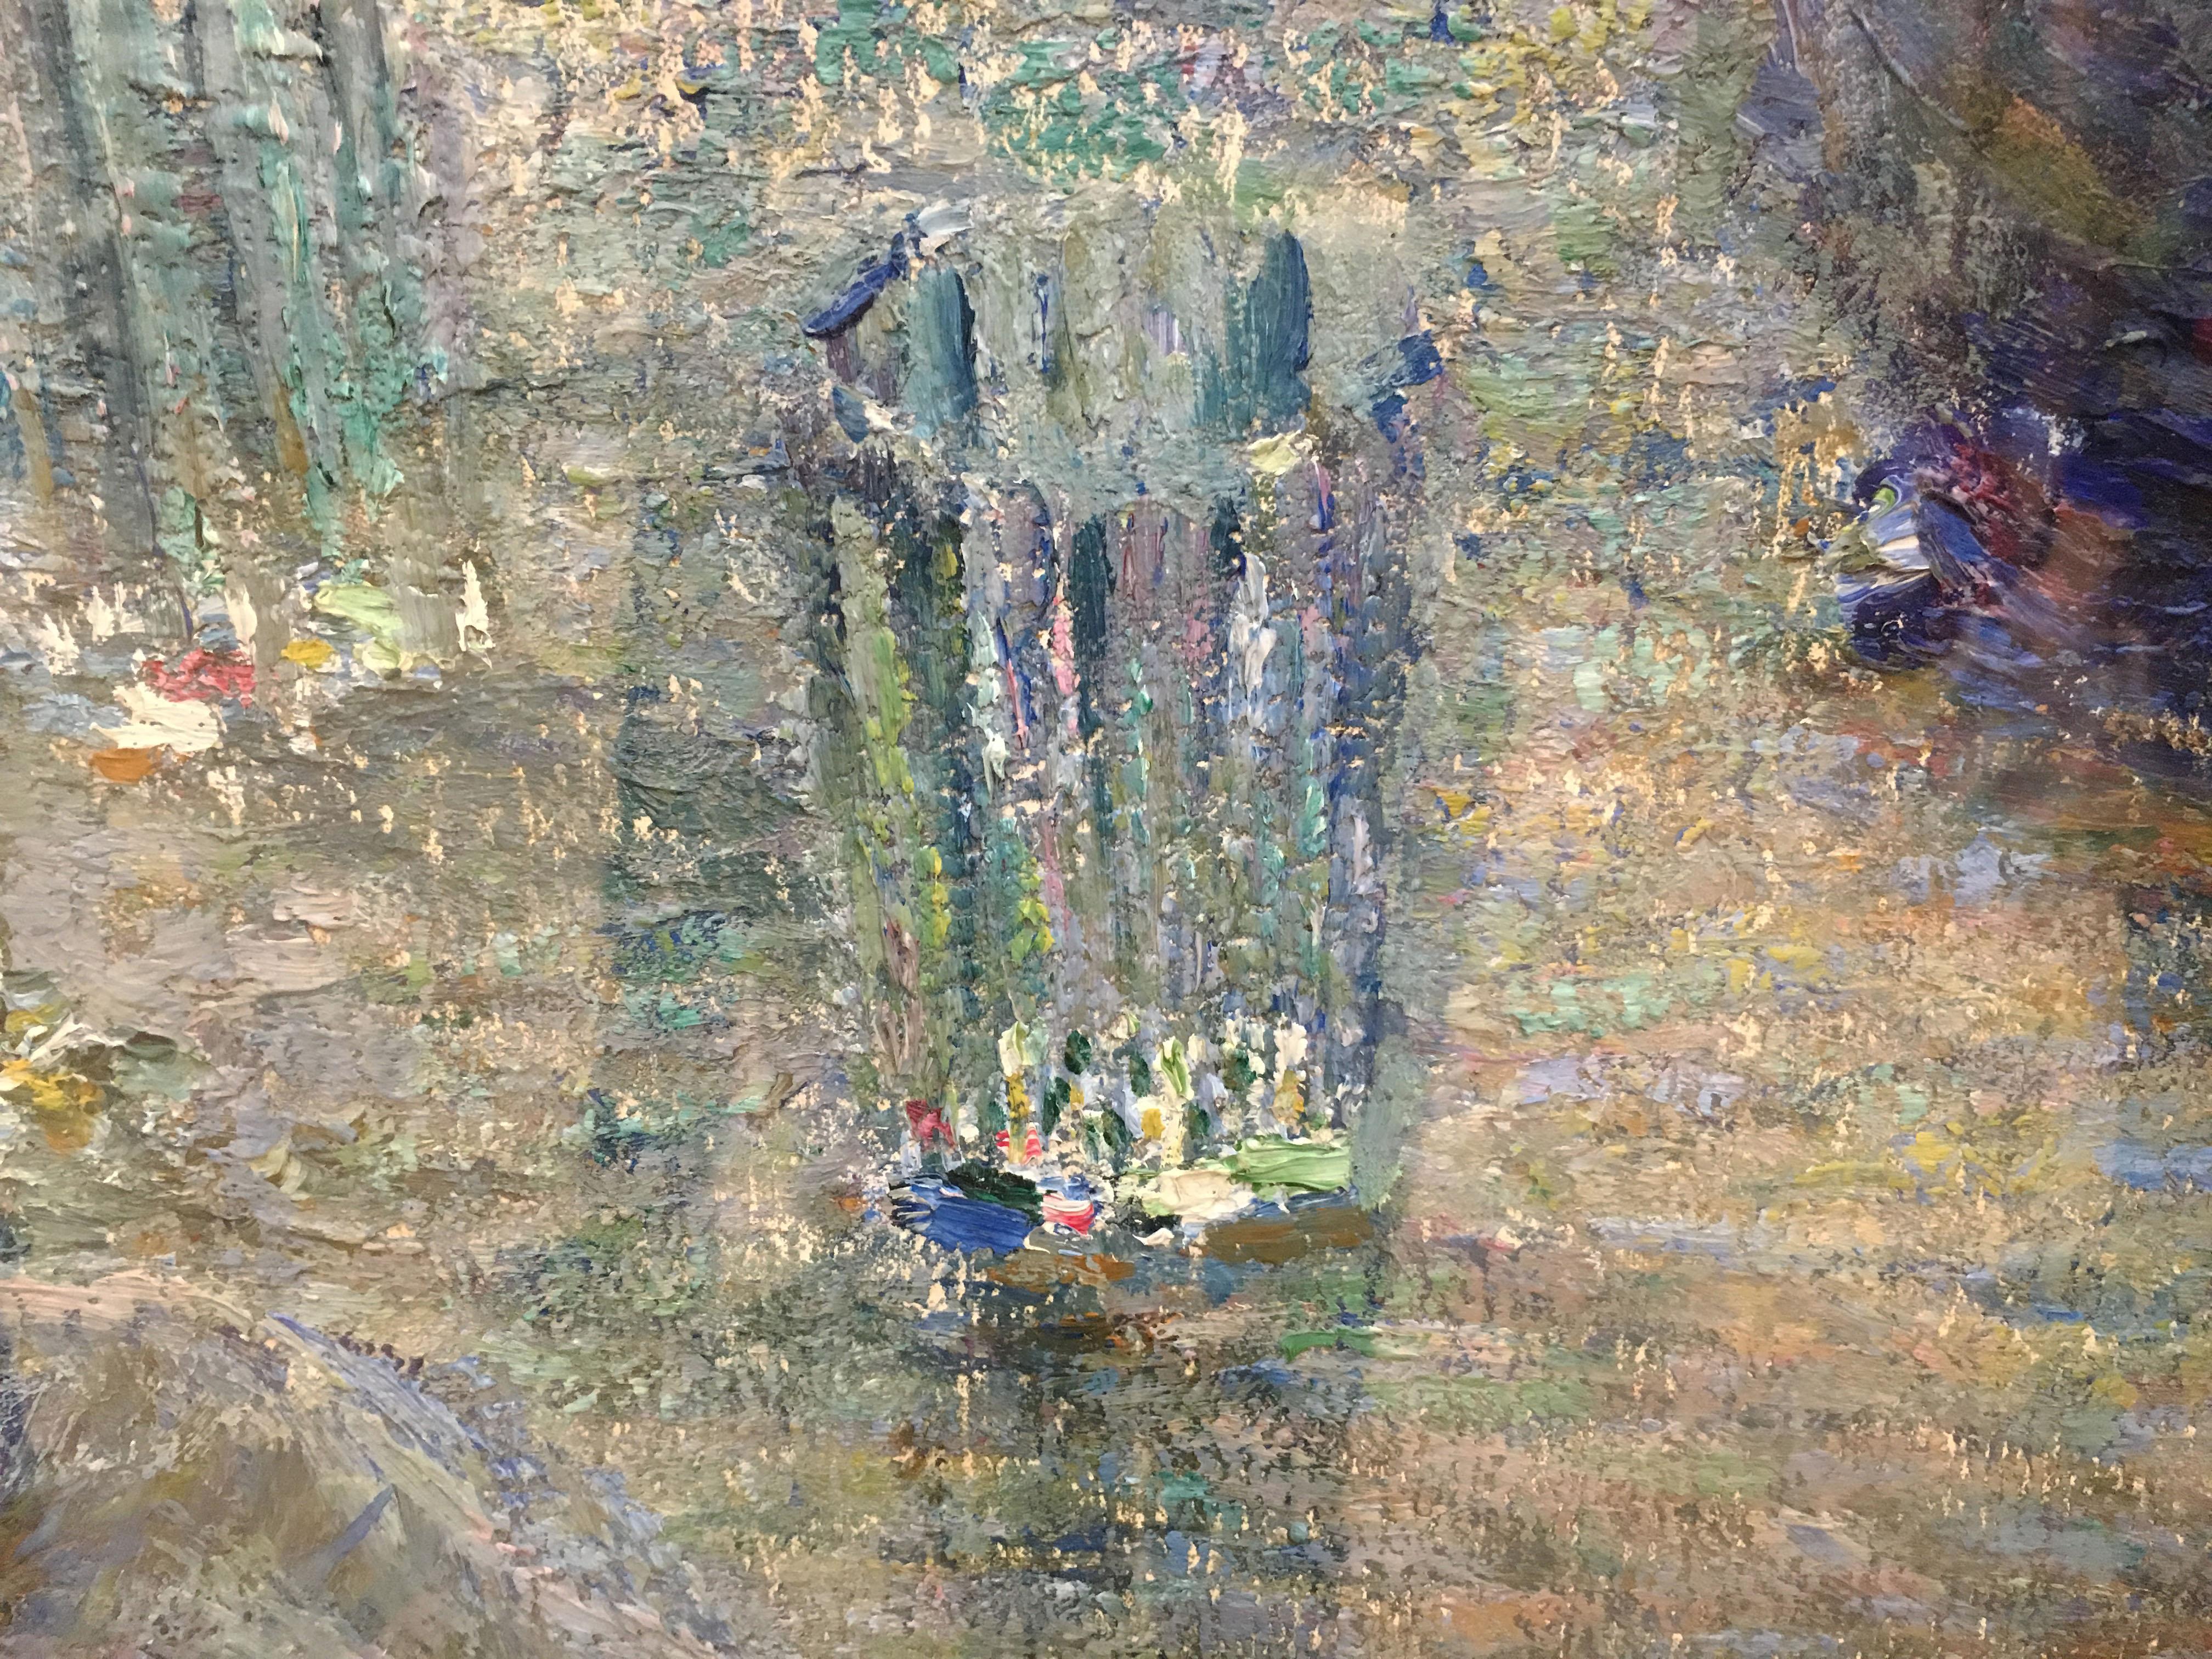 Художник Игорь Грабарь картина Хризантемы пейзажи природы Альберт Сафиуллин